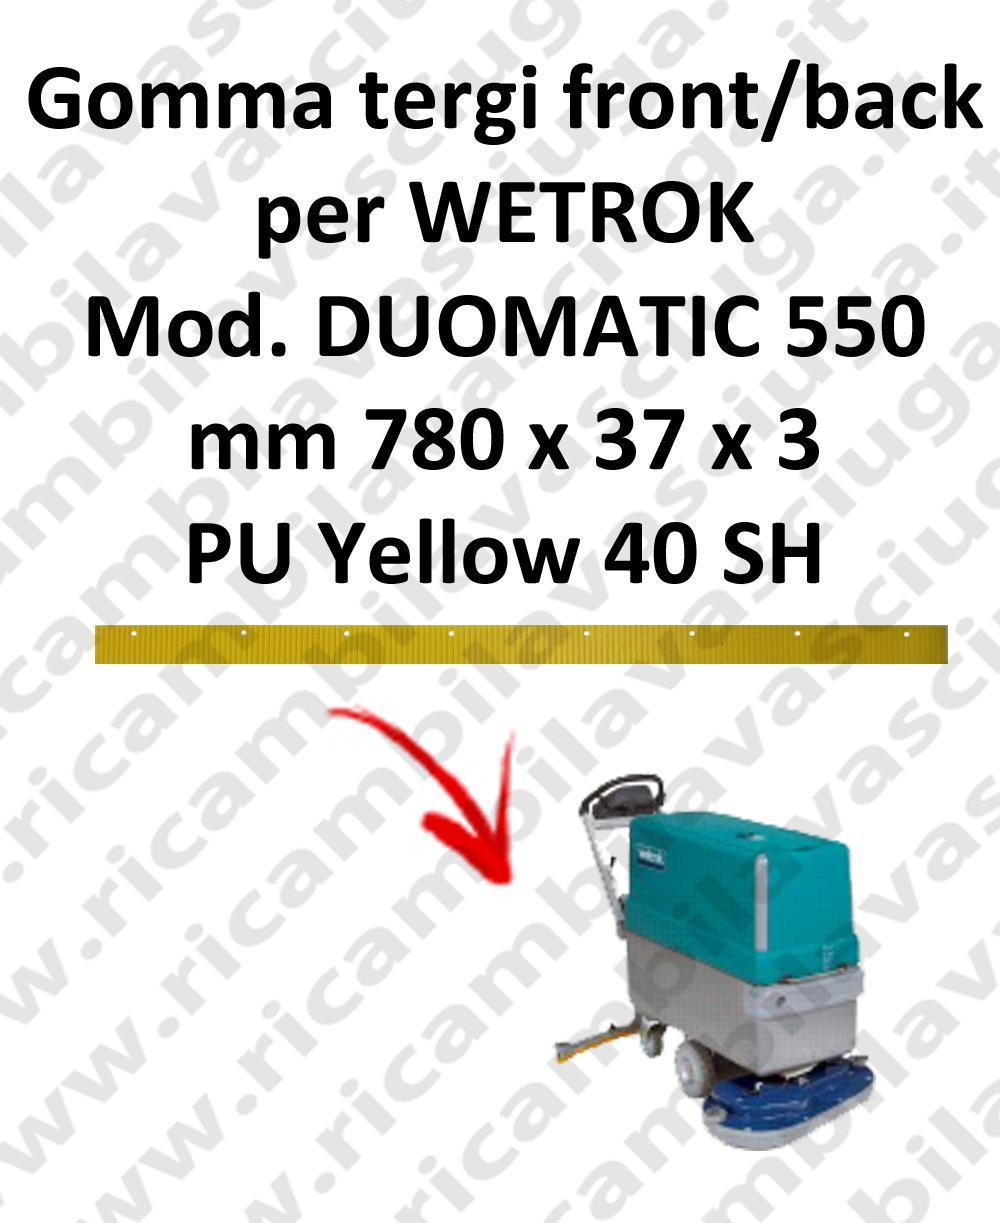 Bavette avant e ARRIERE pour autolaveuses WETROK modelle DUOMATIC 550